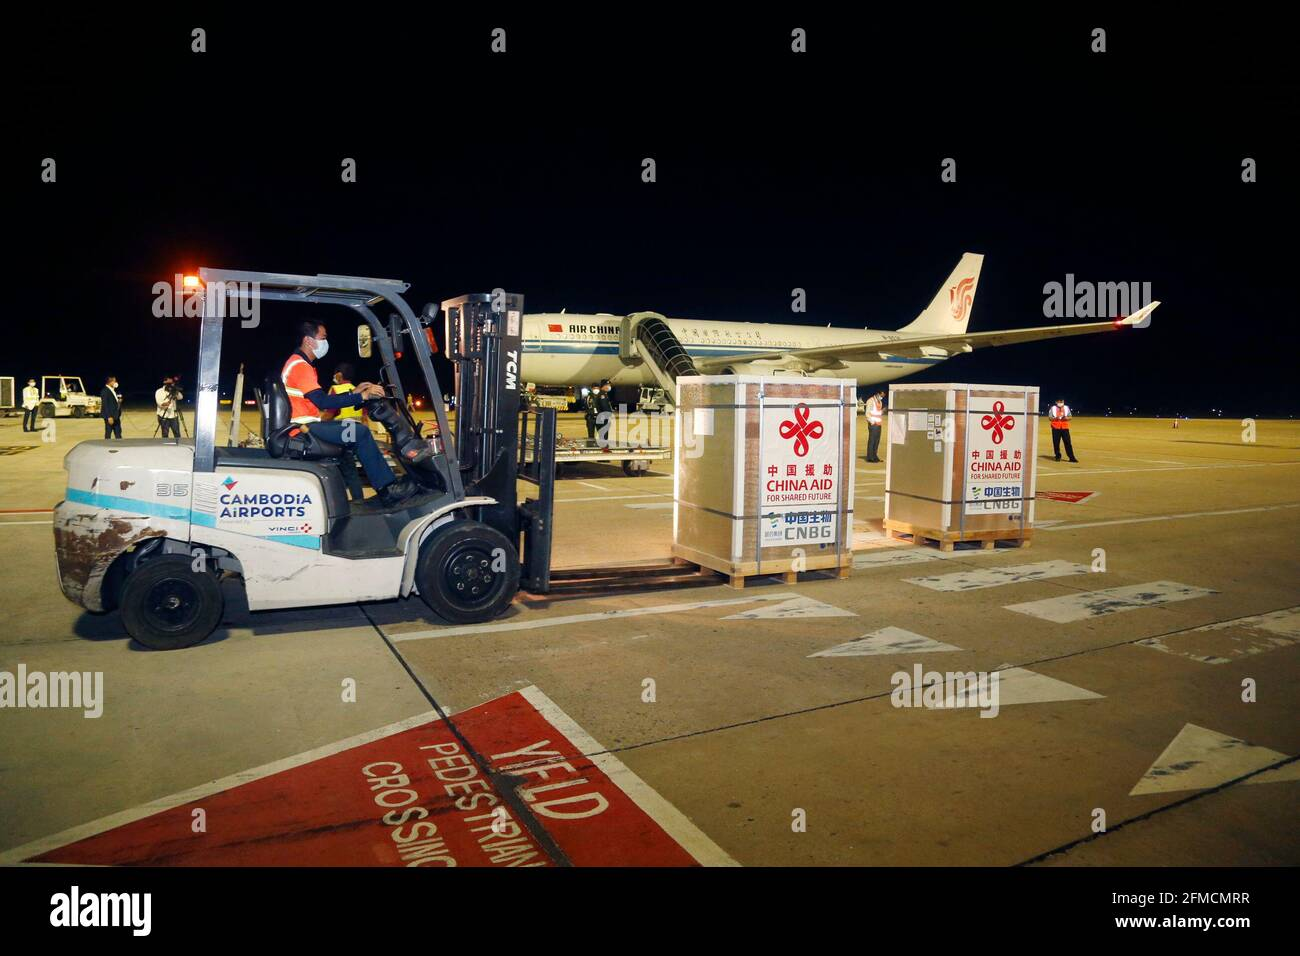 (210508) -- PECHINO, 8 maggio 2021 (Xinhua) -- UN lavoratore trasporta il vaccino Sinopharm COVID-19 all'aeroporto internazionale Phnom Penh di Phnom Penh, Cambogia, 28 aprile 2021. (Foto di Pearum/Xinhua) Foto Stock